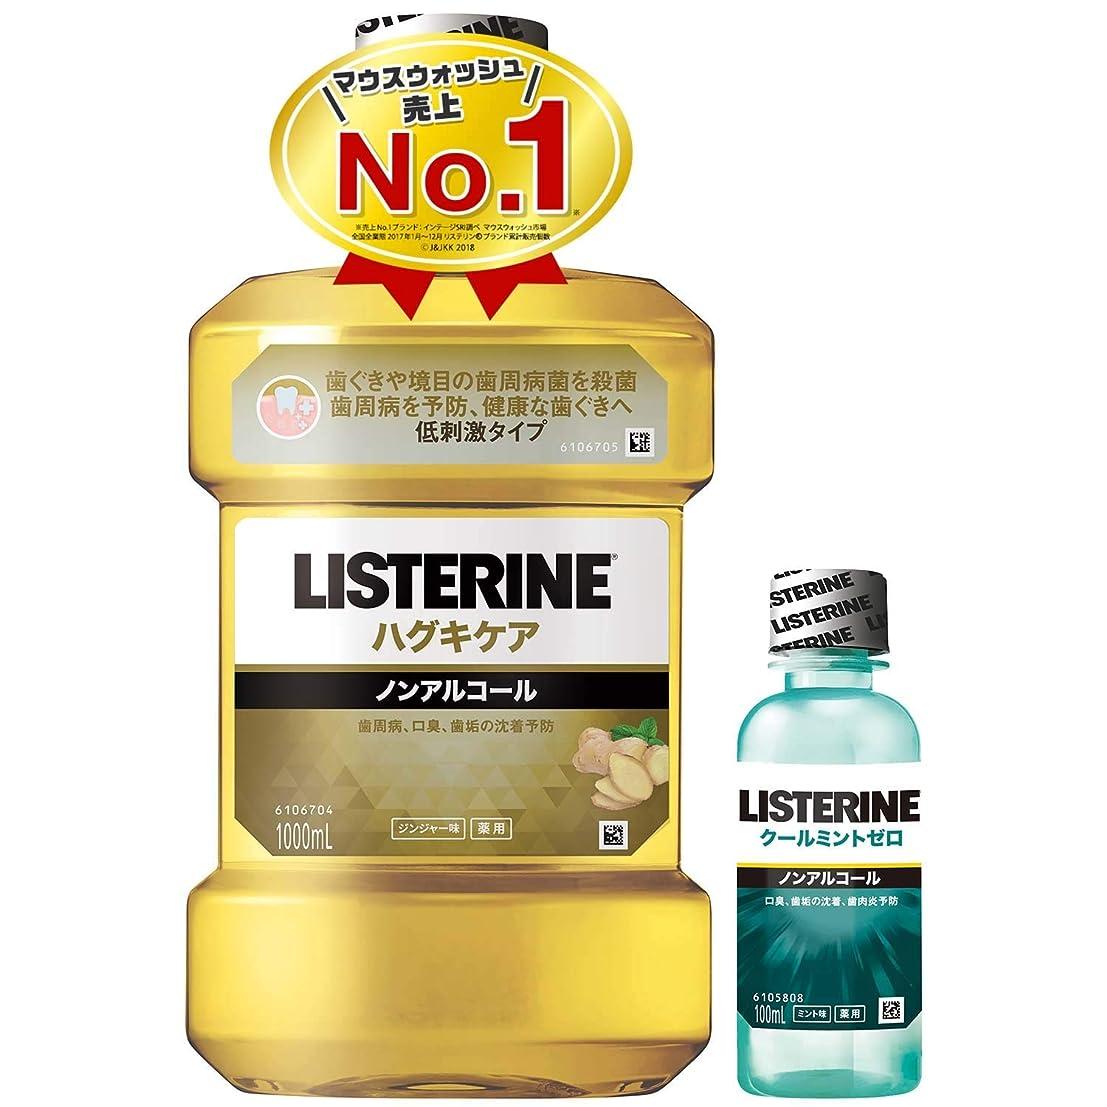 通路社会壮大な[医薬部外品] 薬用 LISTERINE(リステリン) マウスウォッシュ ハグキケア 1000mL + おまけつき